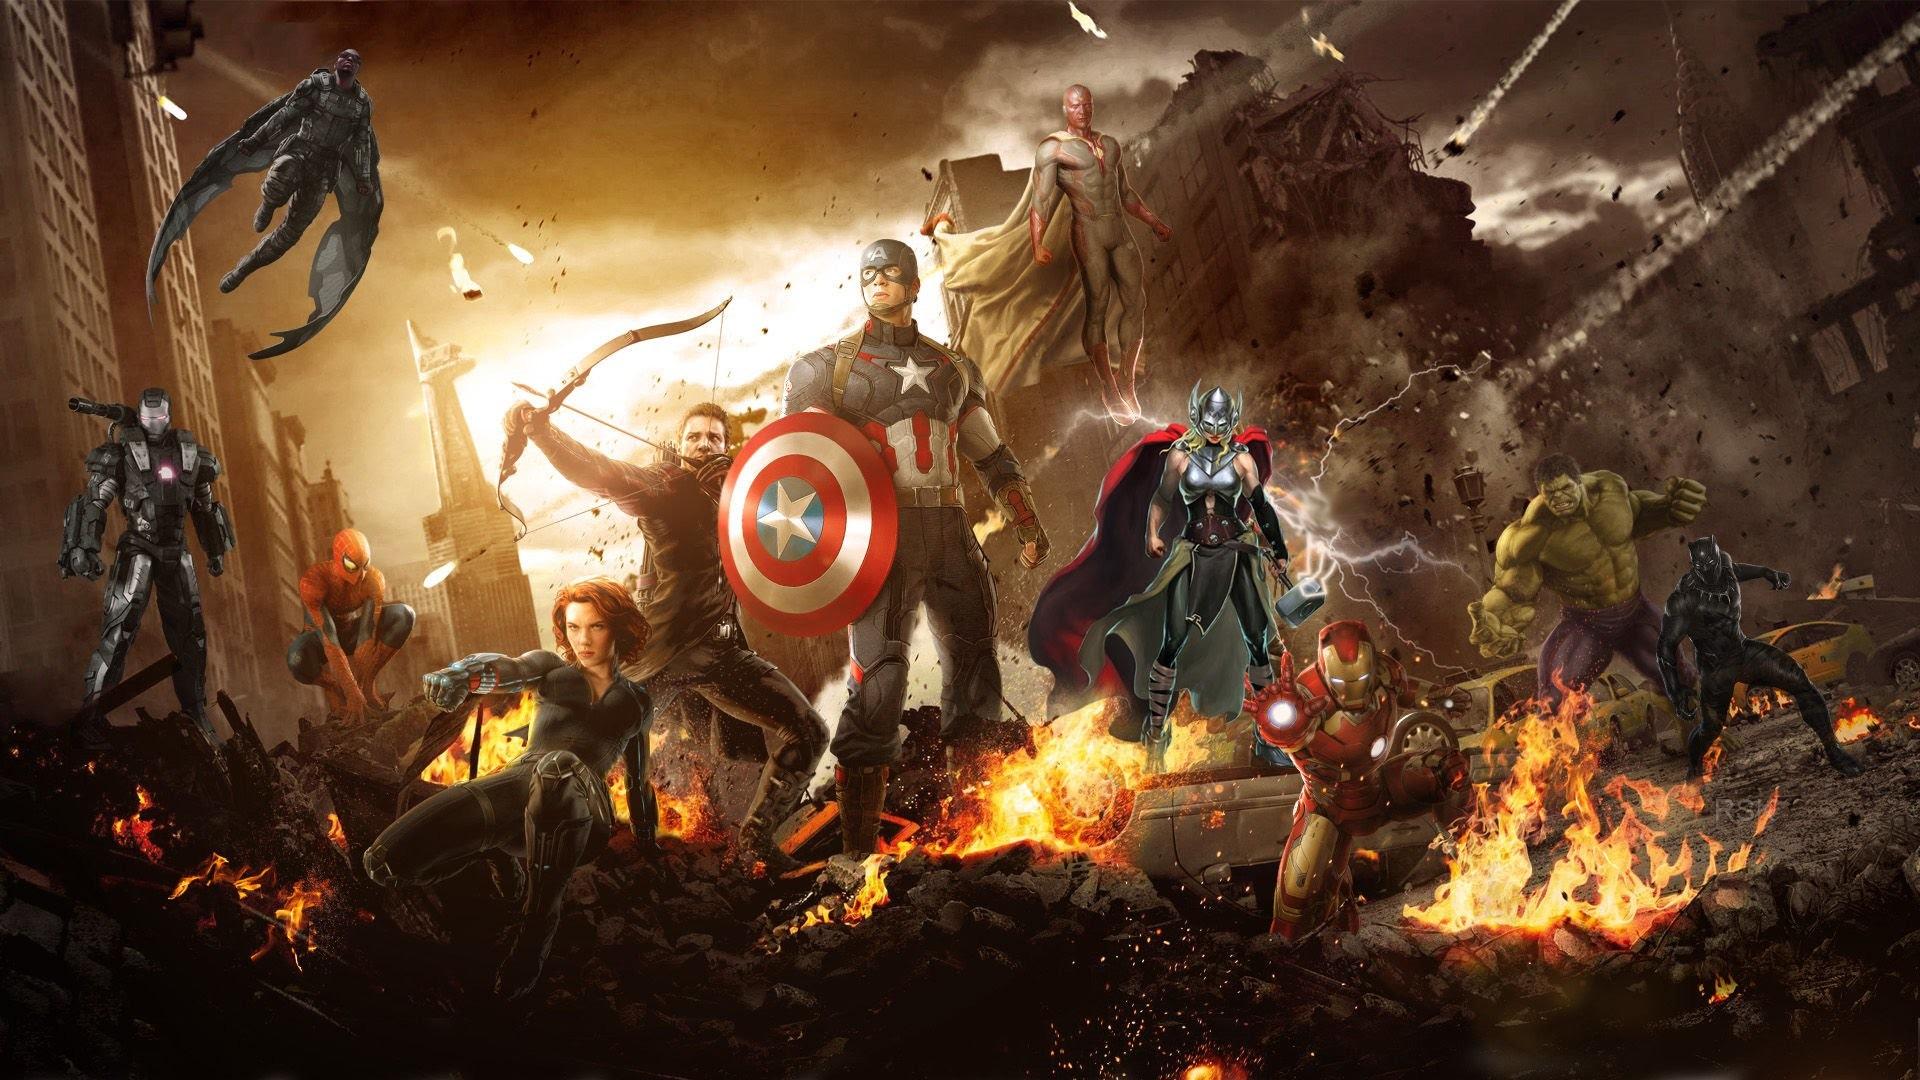 Attack On Titan Wallpaper 1080p